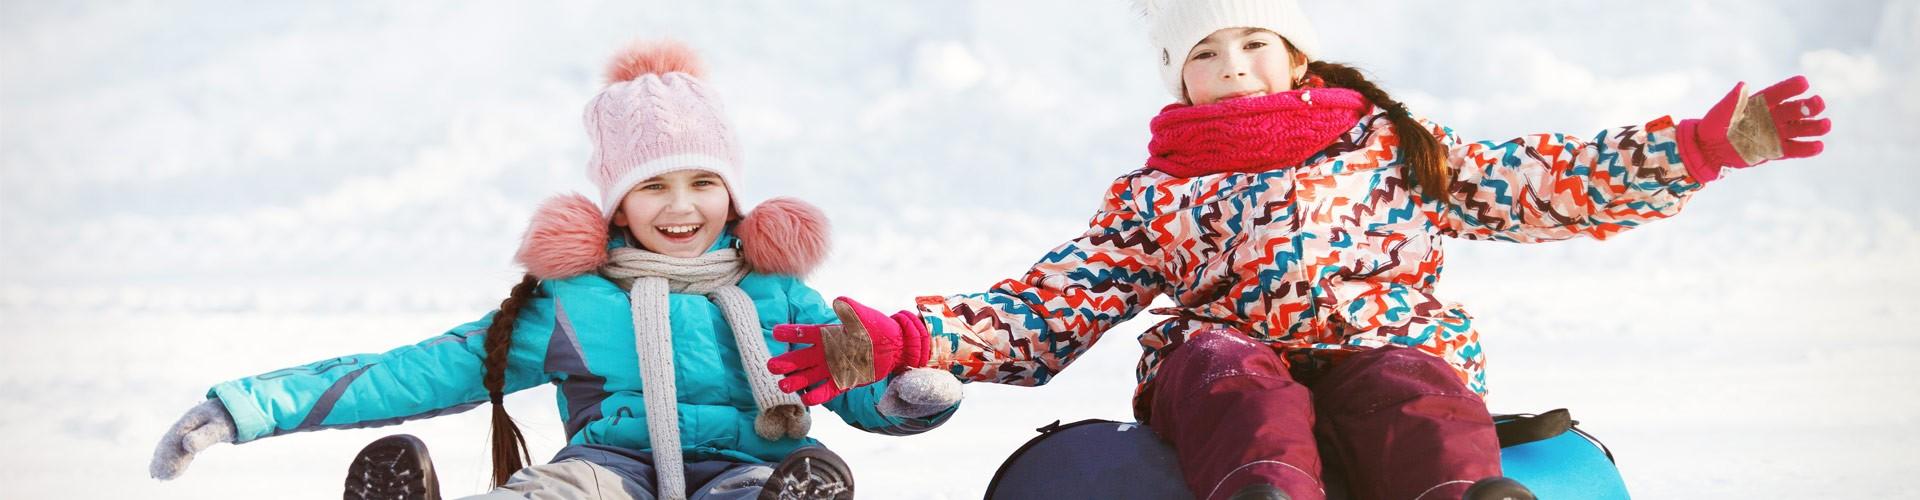 Familienurlaub Winter Rodeln in Berchtesgaden